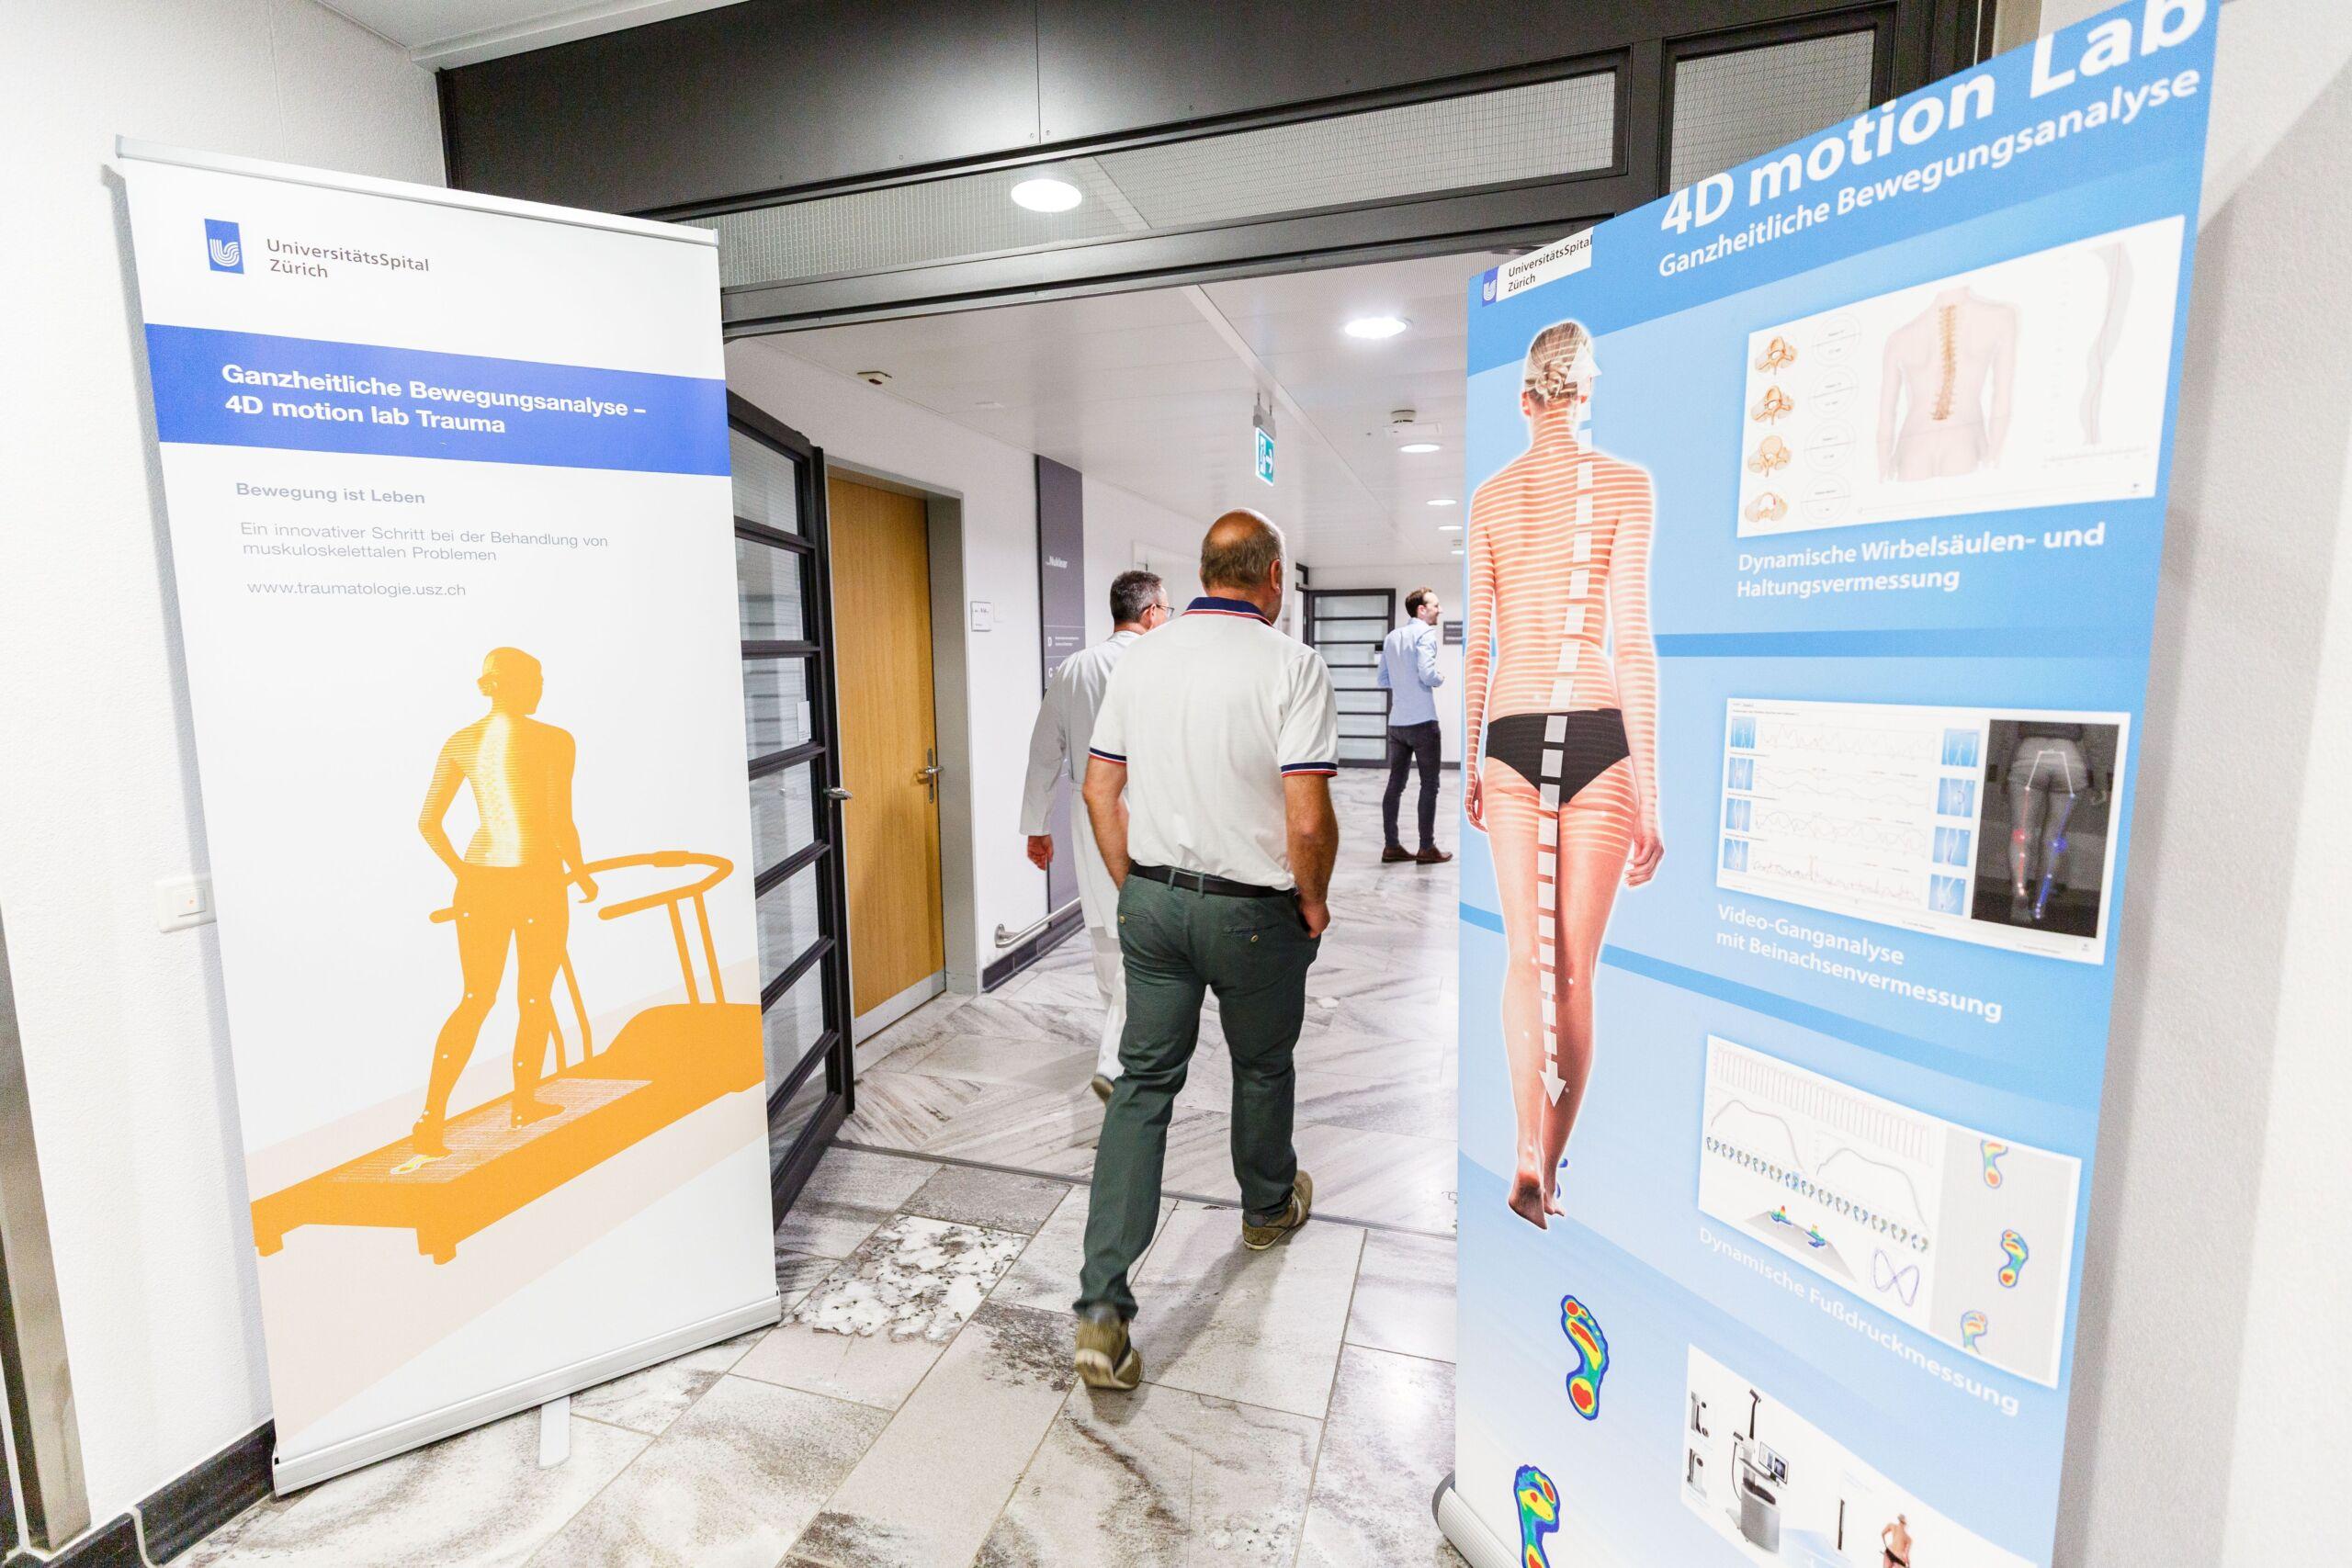 Patient läuft durch die Bewegungsanalyse